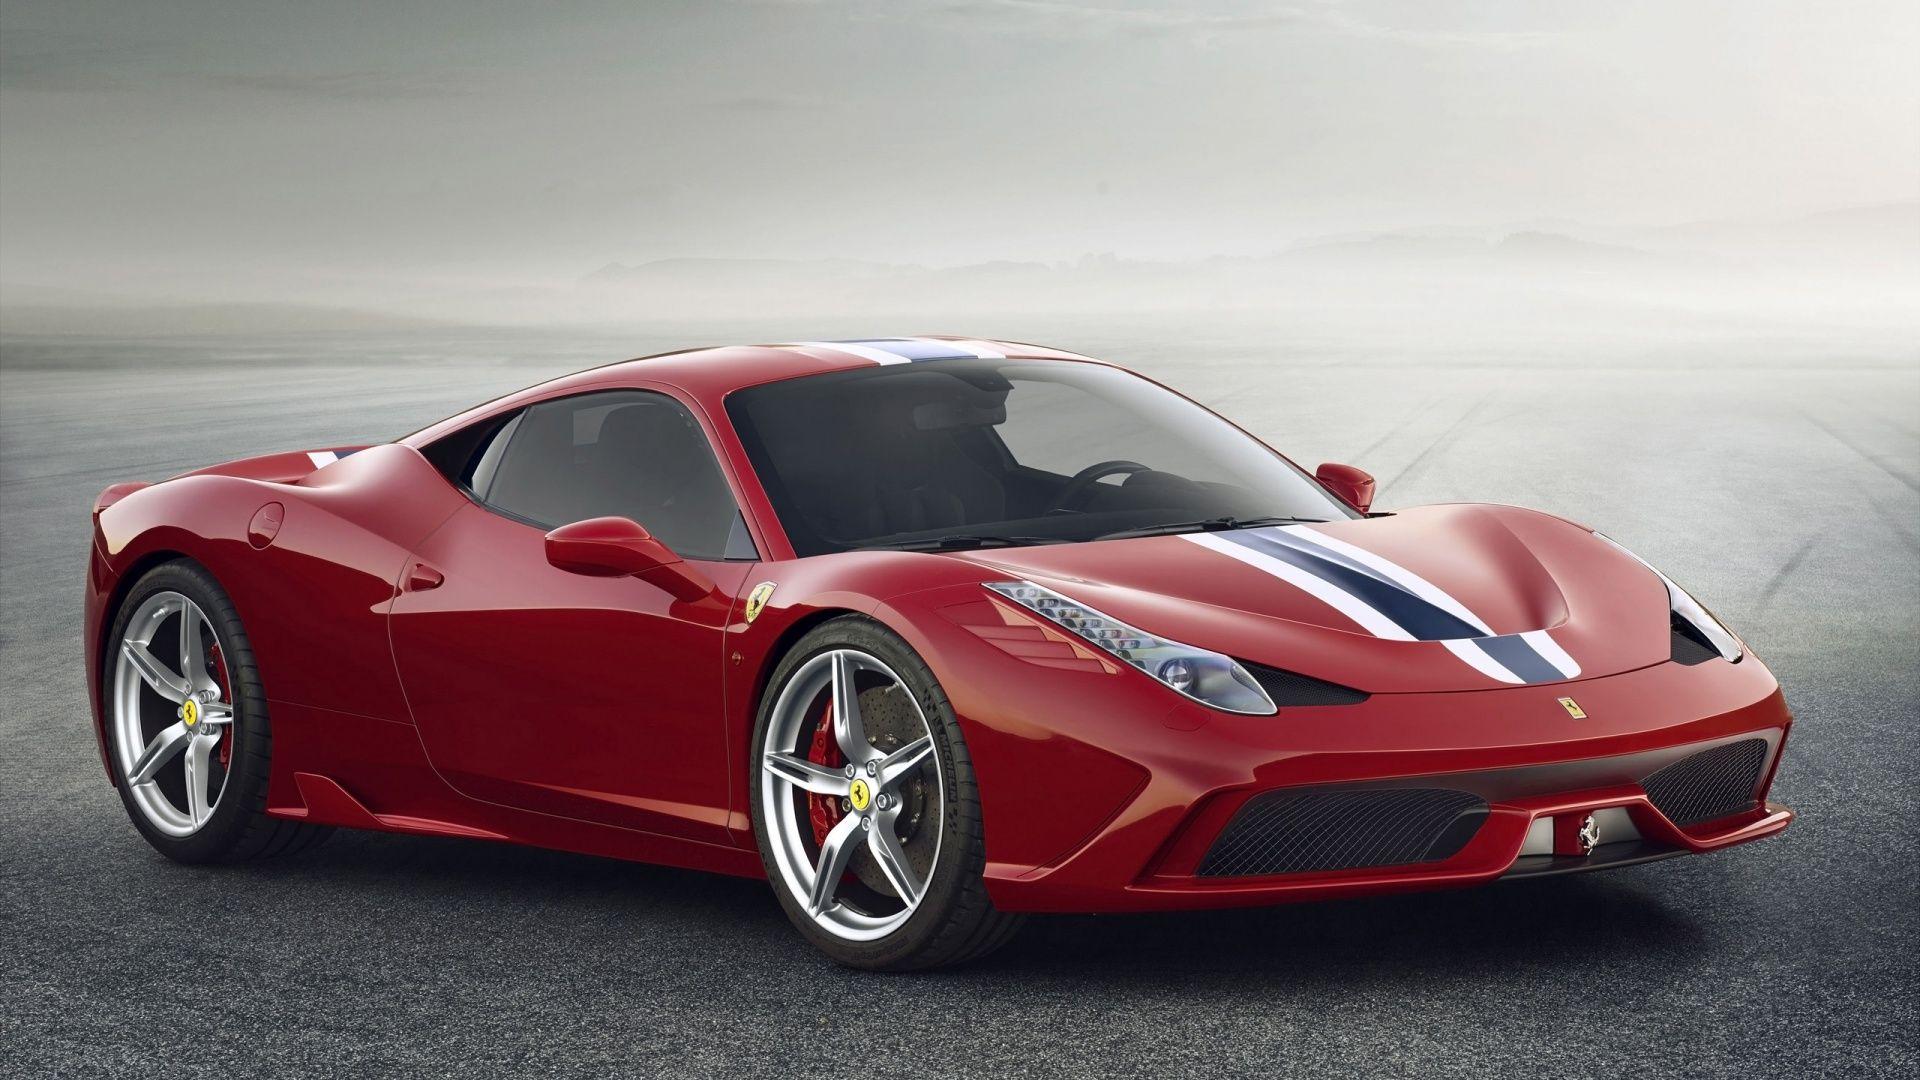 The Top 20 Ferrari Models Of All Time Moneyinc Com >> Ferrari Wallpapers Hd 1920x1080 Hd Desktop Wallpaper Genovic Com